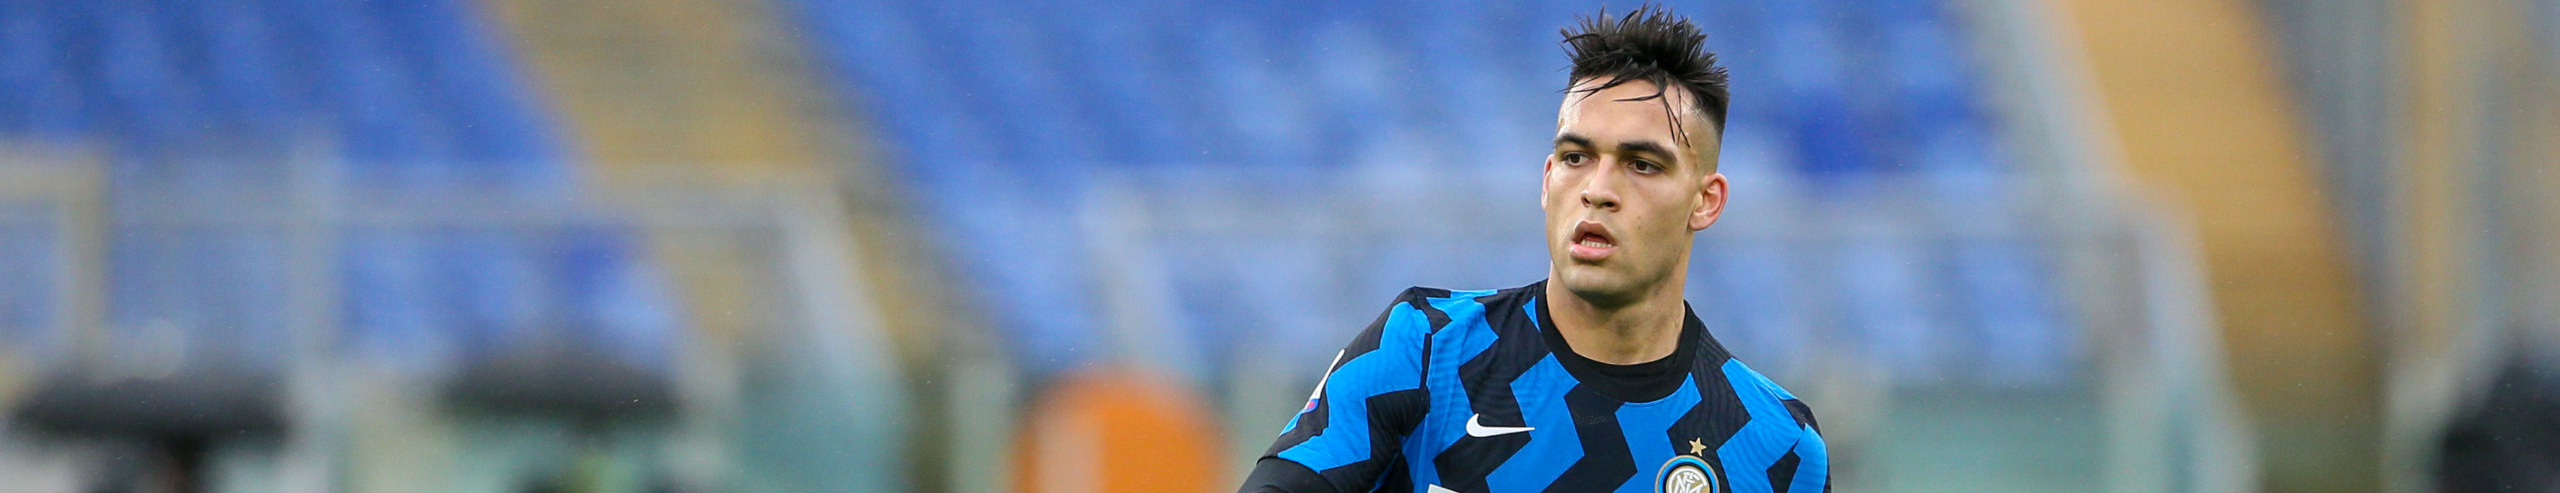 Fiorentina-Inter: Prandelli nei guai senza Milenkovic e Castrovilli, Conte con un occhio al Milan e uno alla Juve...